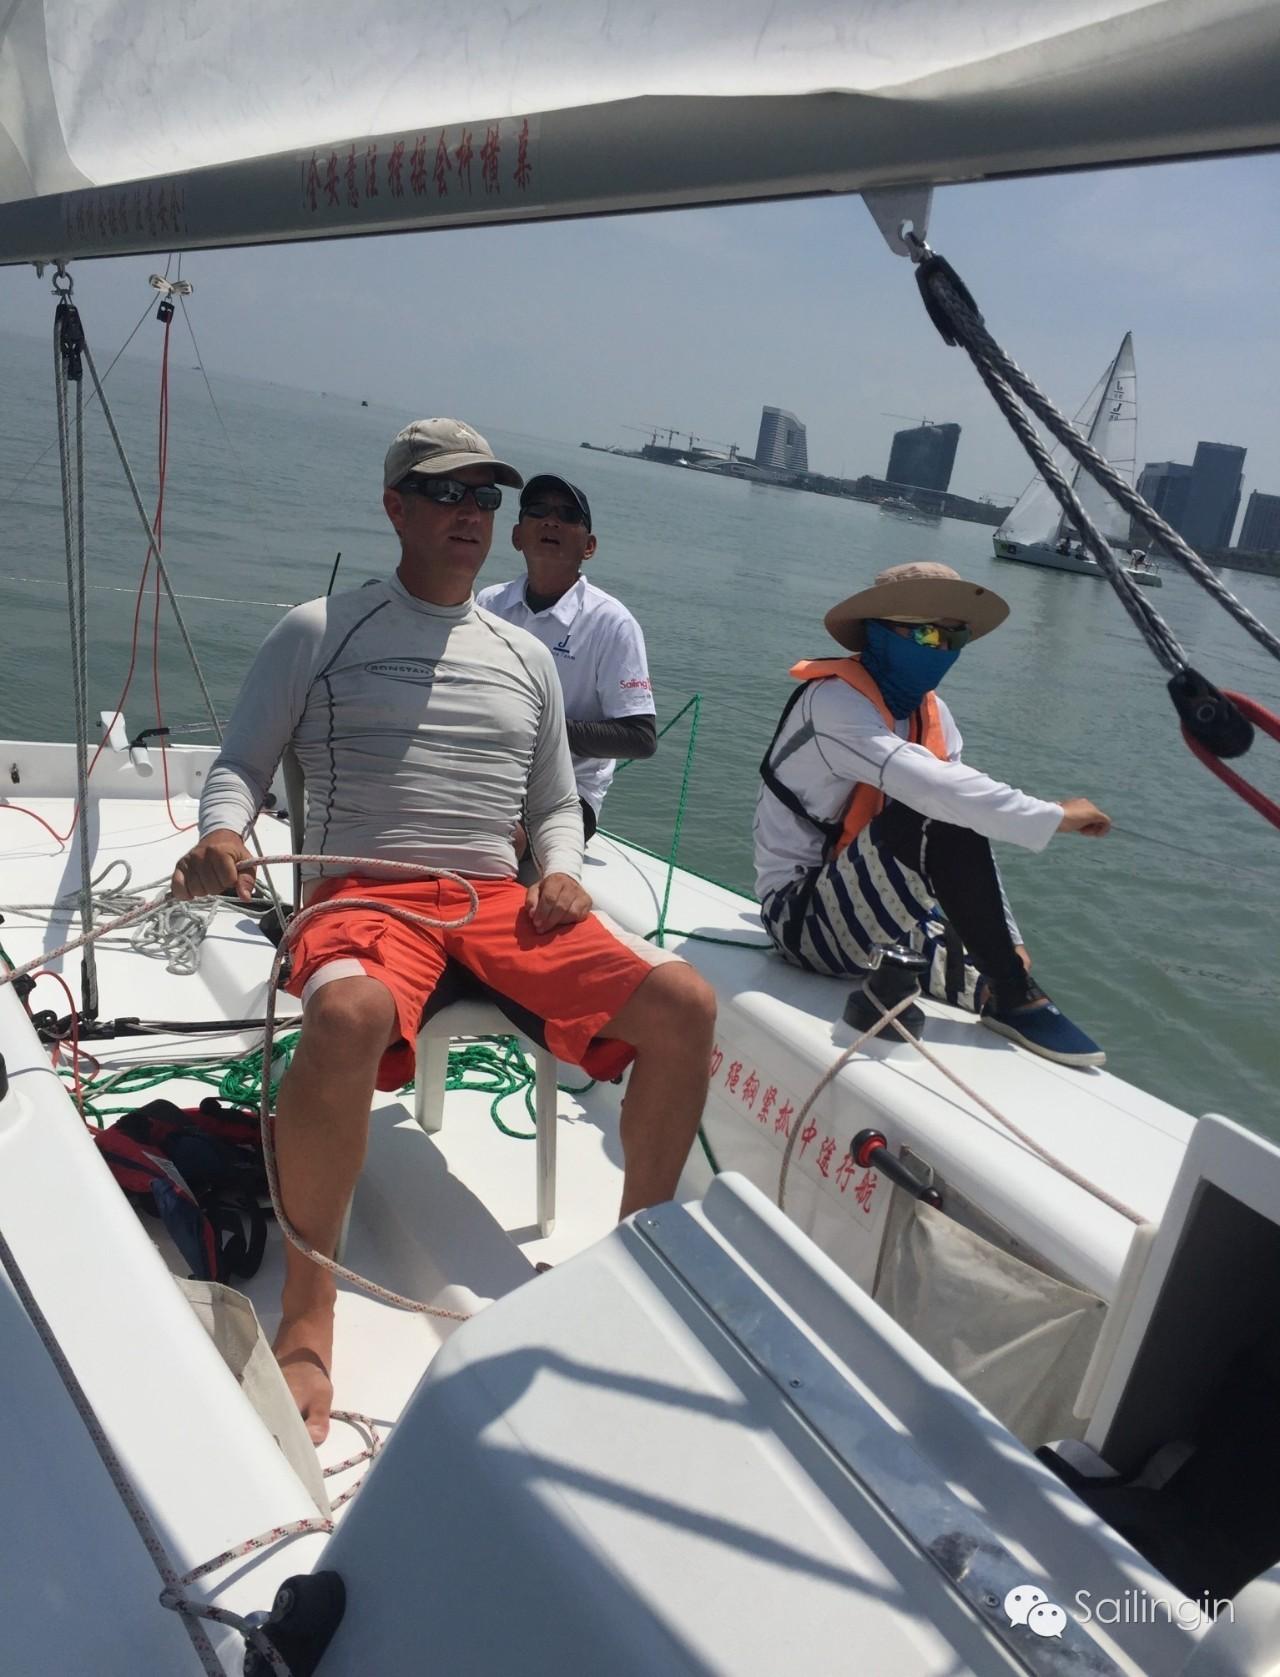 阳光,天气,厦门,工作人员,挑战赛 台风过后,有阳光照进心里,2016中国俱乐部杯帆船挑战赛堪称史上最温暖的帆船赛。 7a2a8392f03069b2b1066fda960413c1.jpg